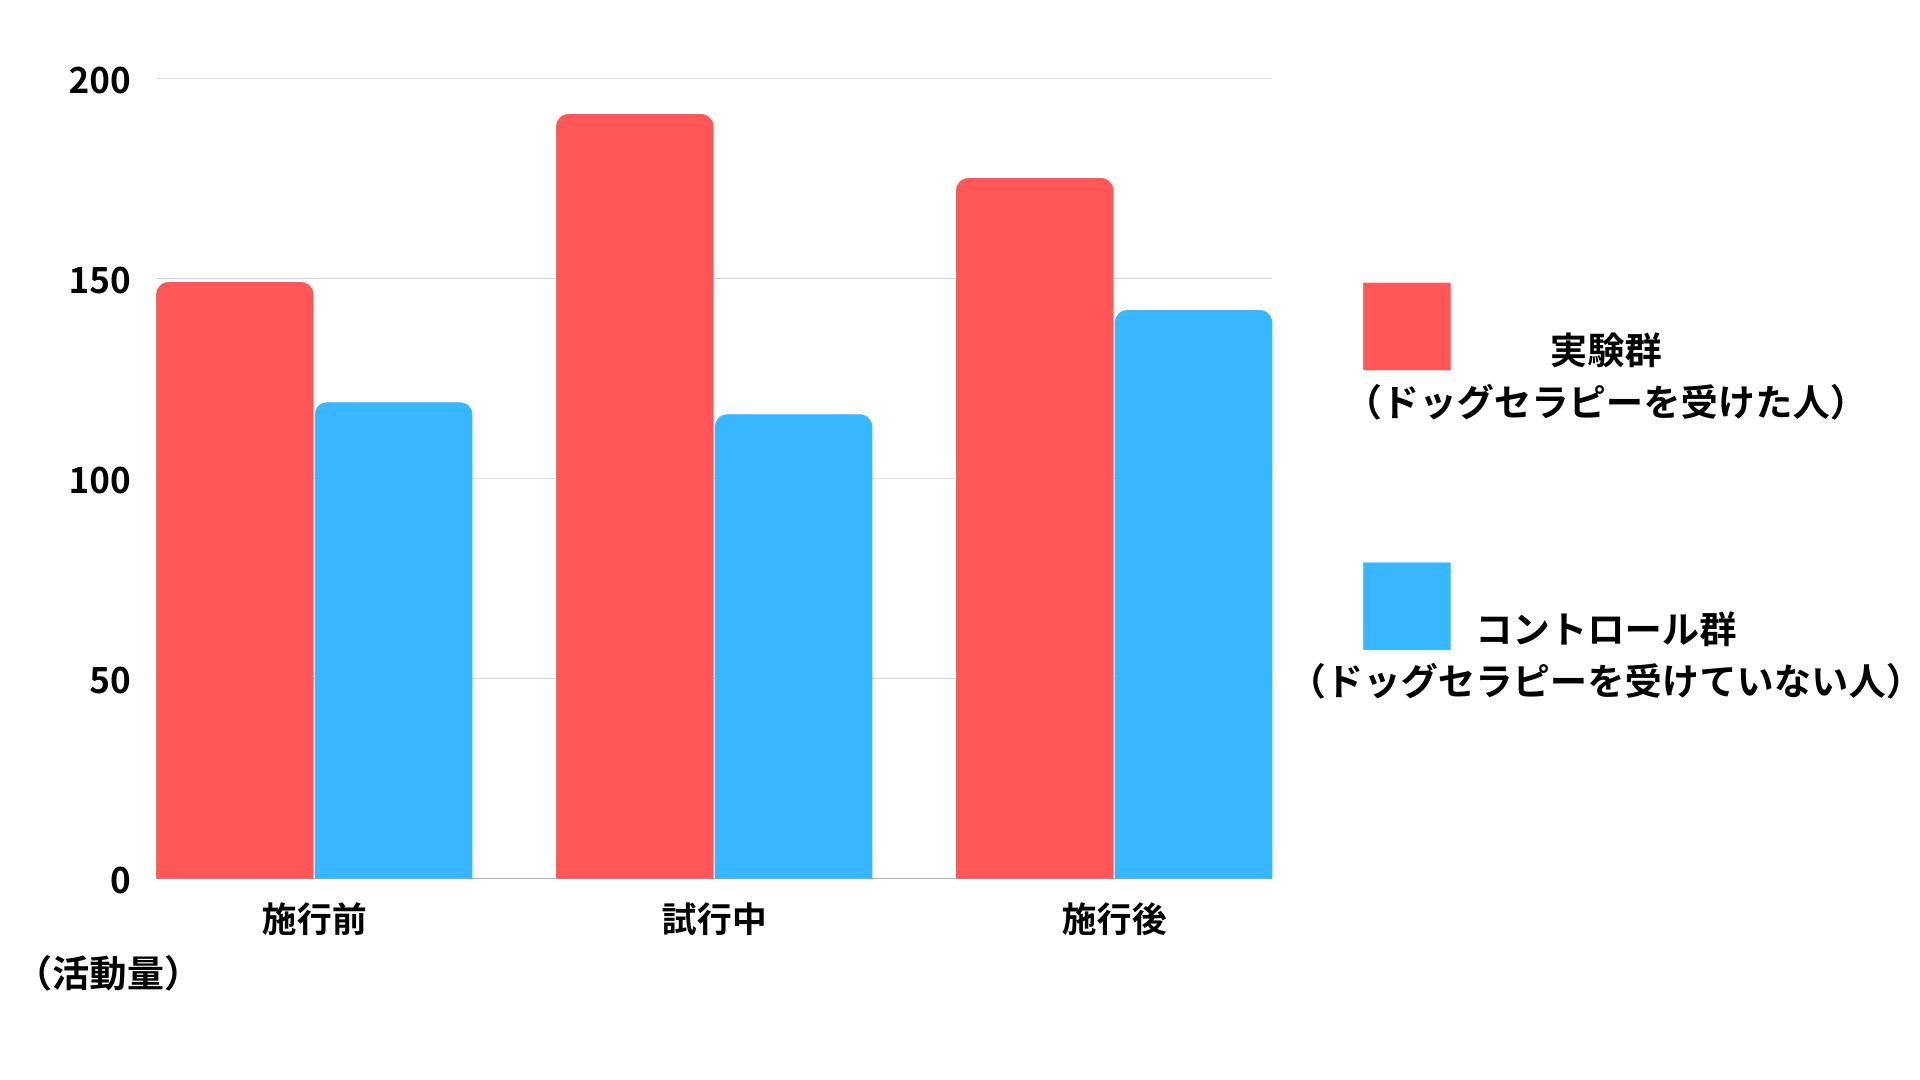 アクティブグラフからみるActivity Countsの比例表